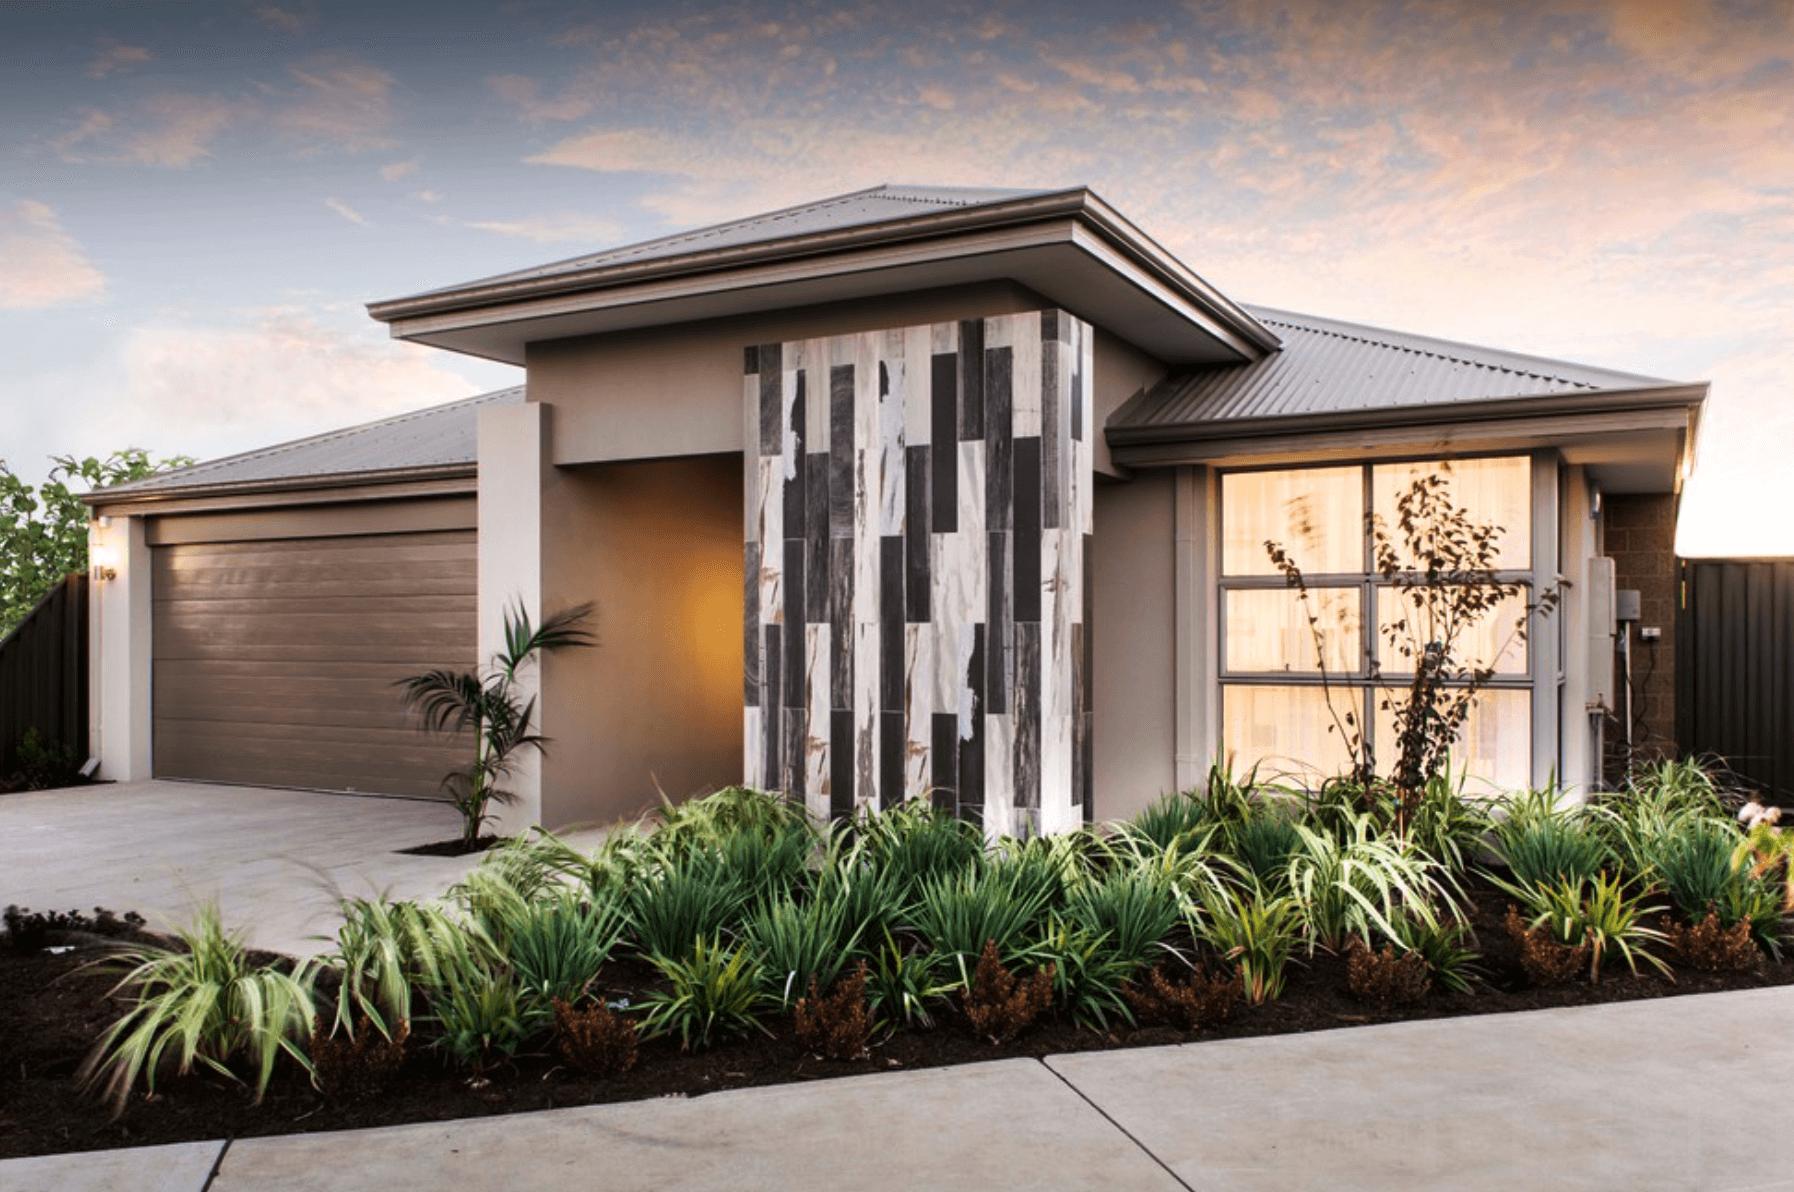 Casas bonitas modernas e simples arquidicas - Casas rusticas modernas fotos ...